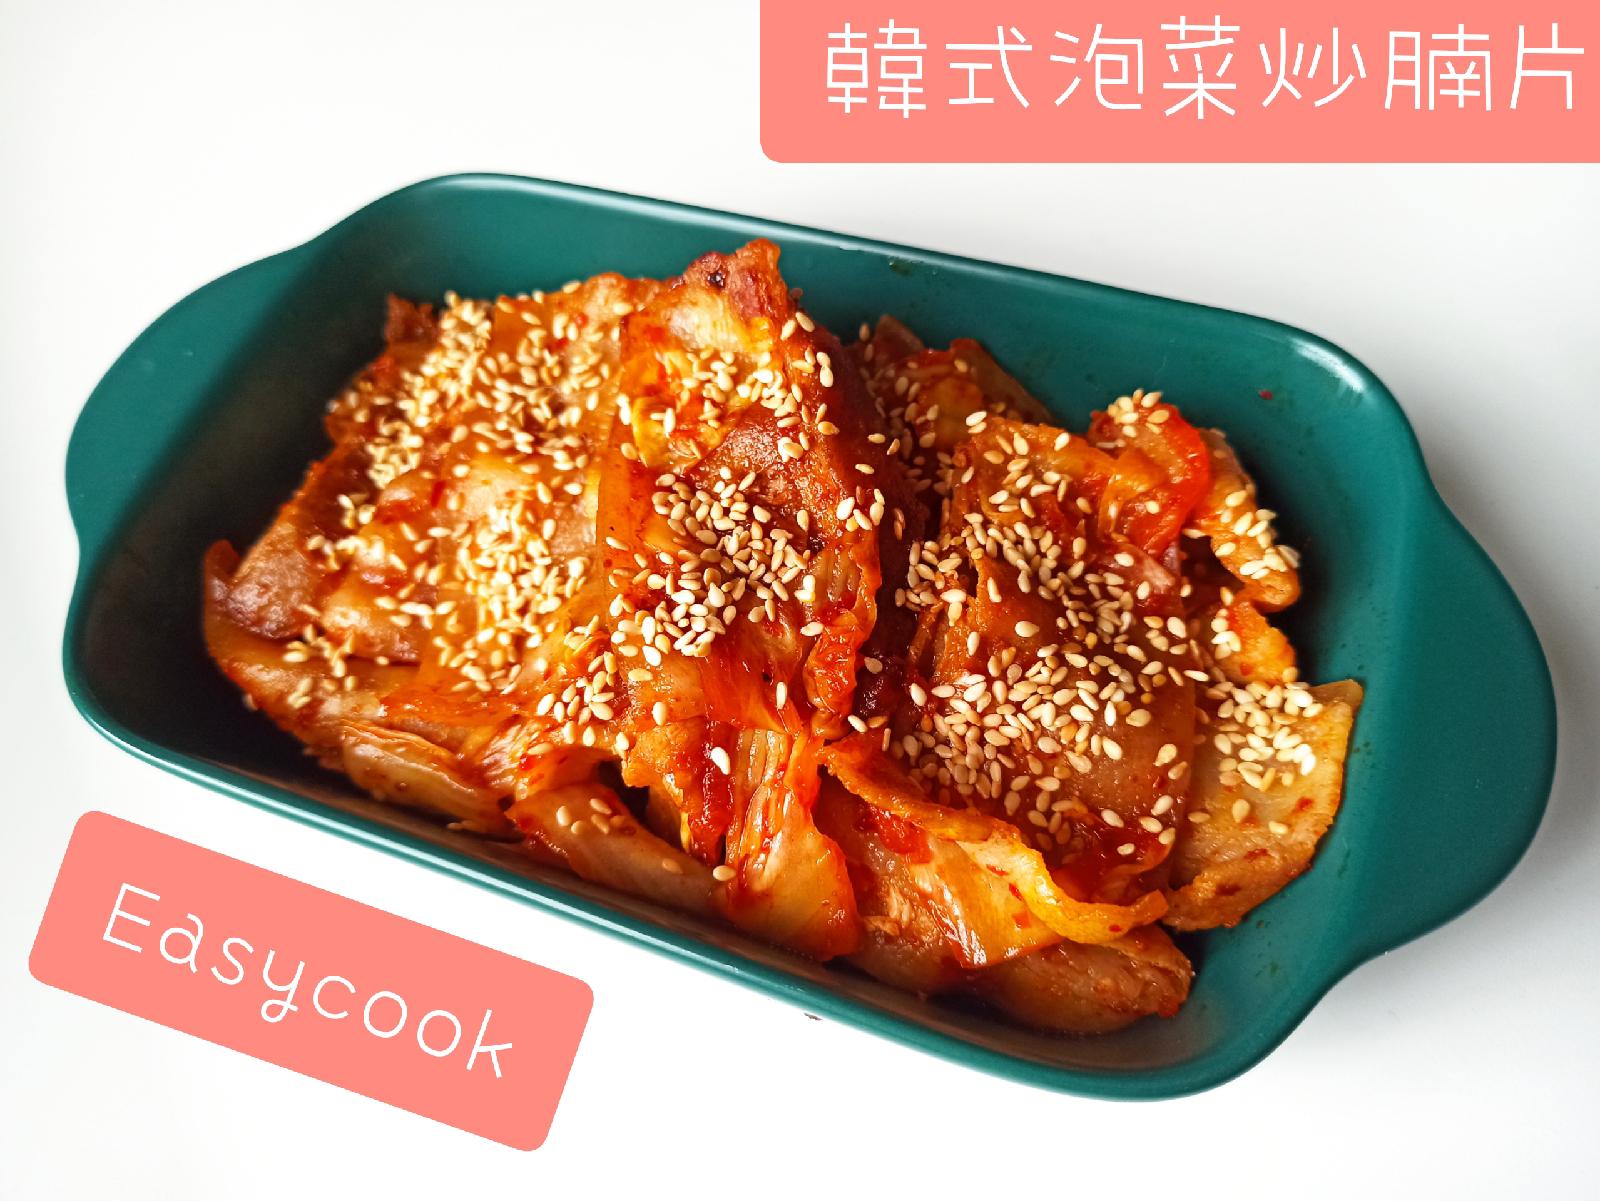 【食譜分享】 easycook!懶人料理!韓式泡菜炒腩片